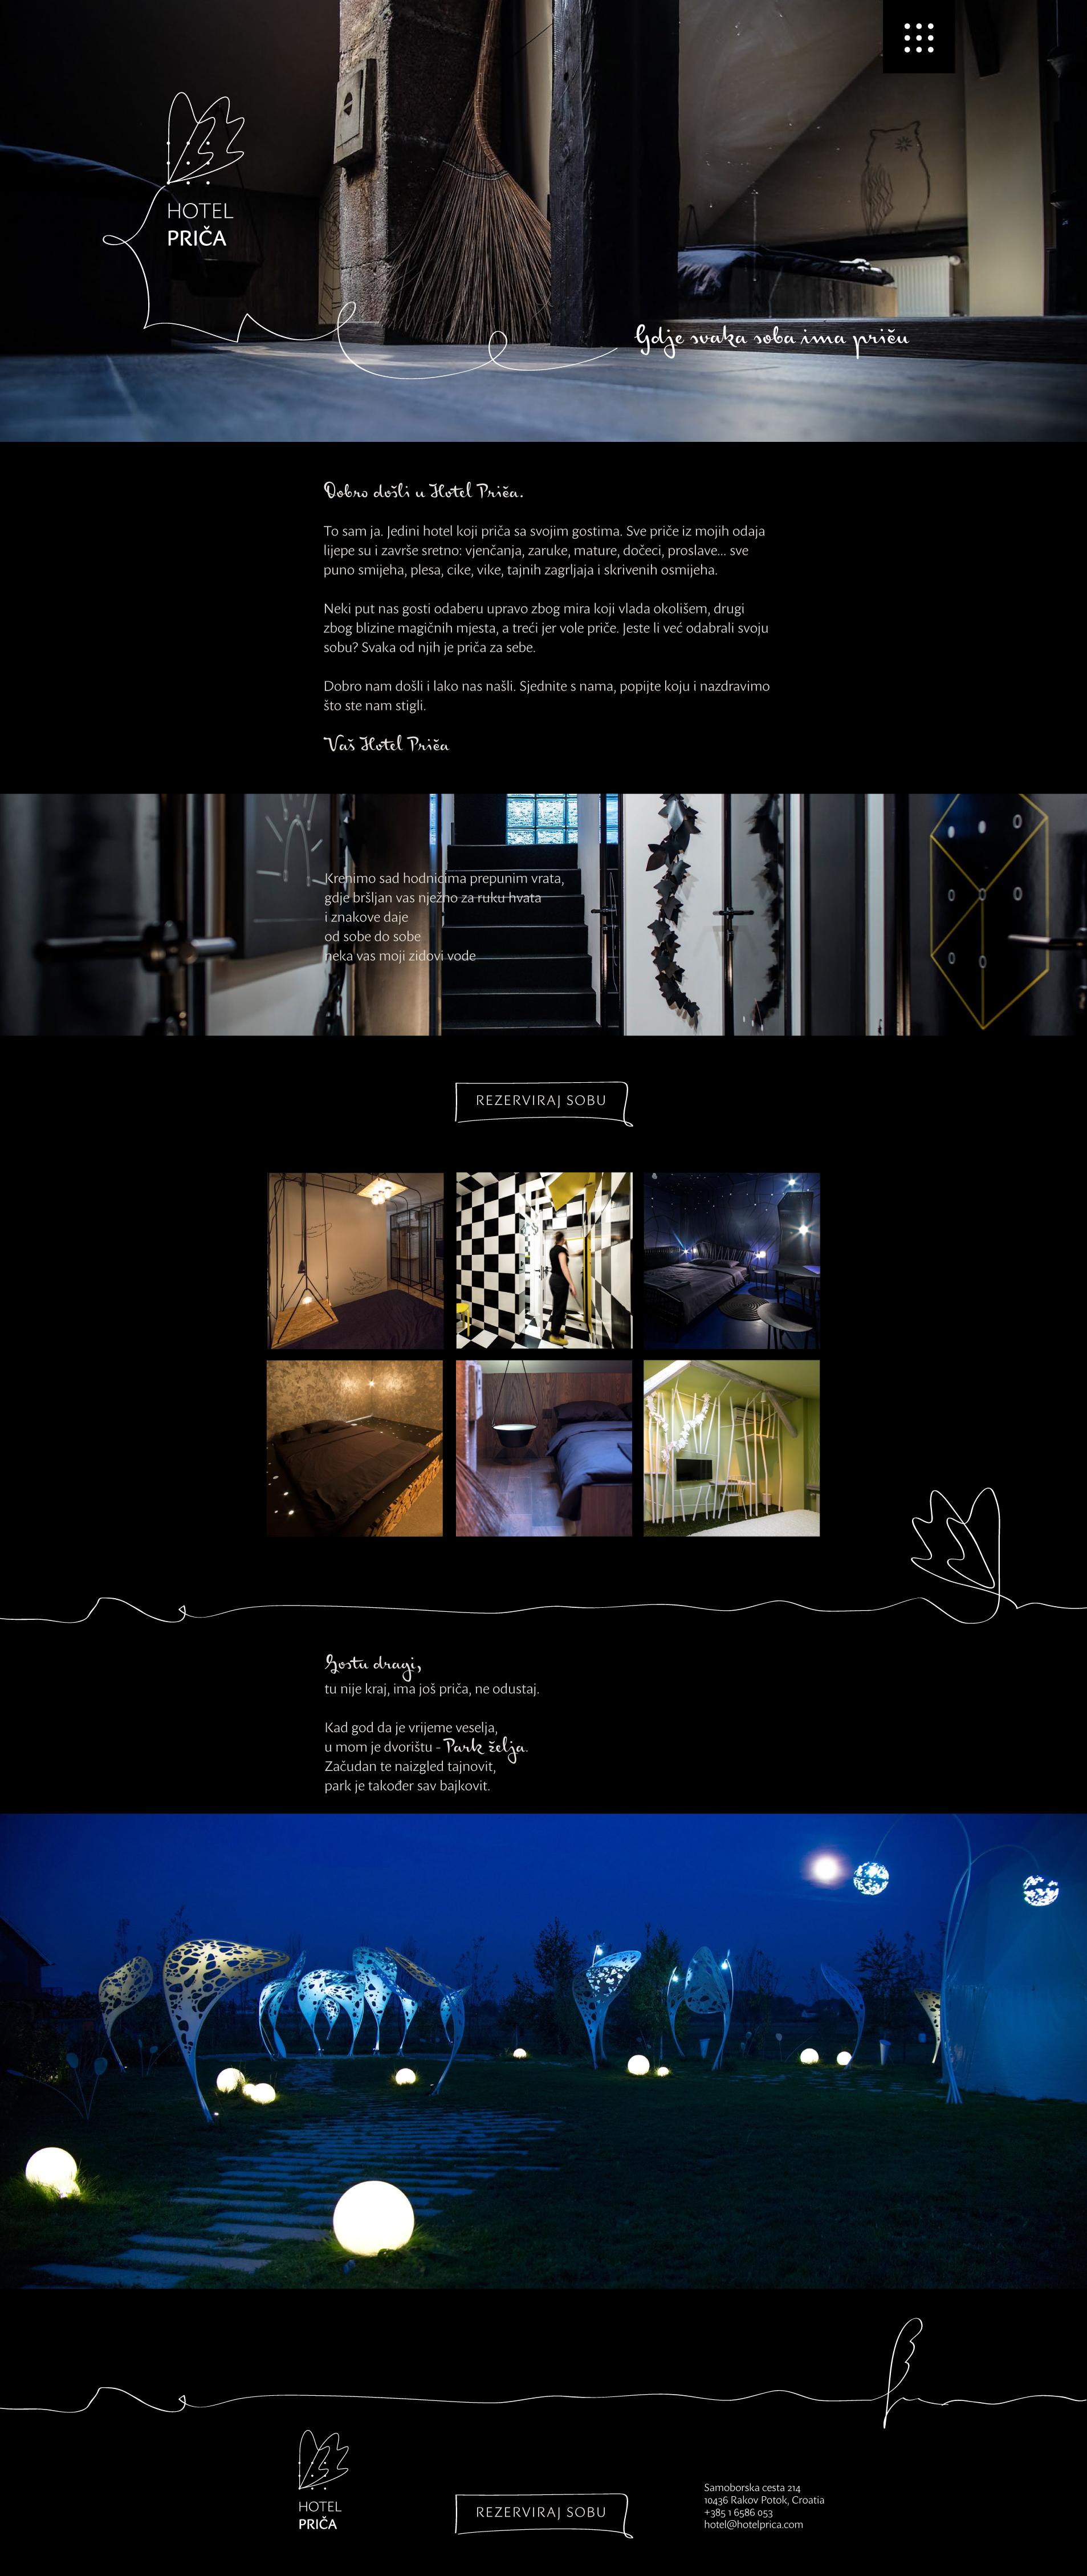 masavukmanovic.com - hotel prica - website 03